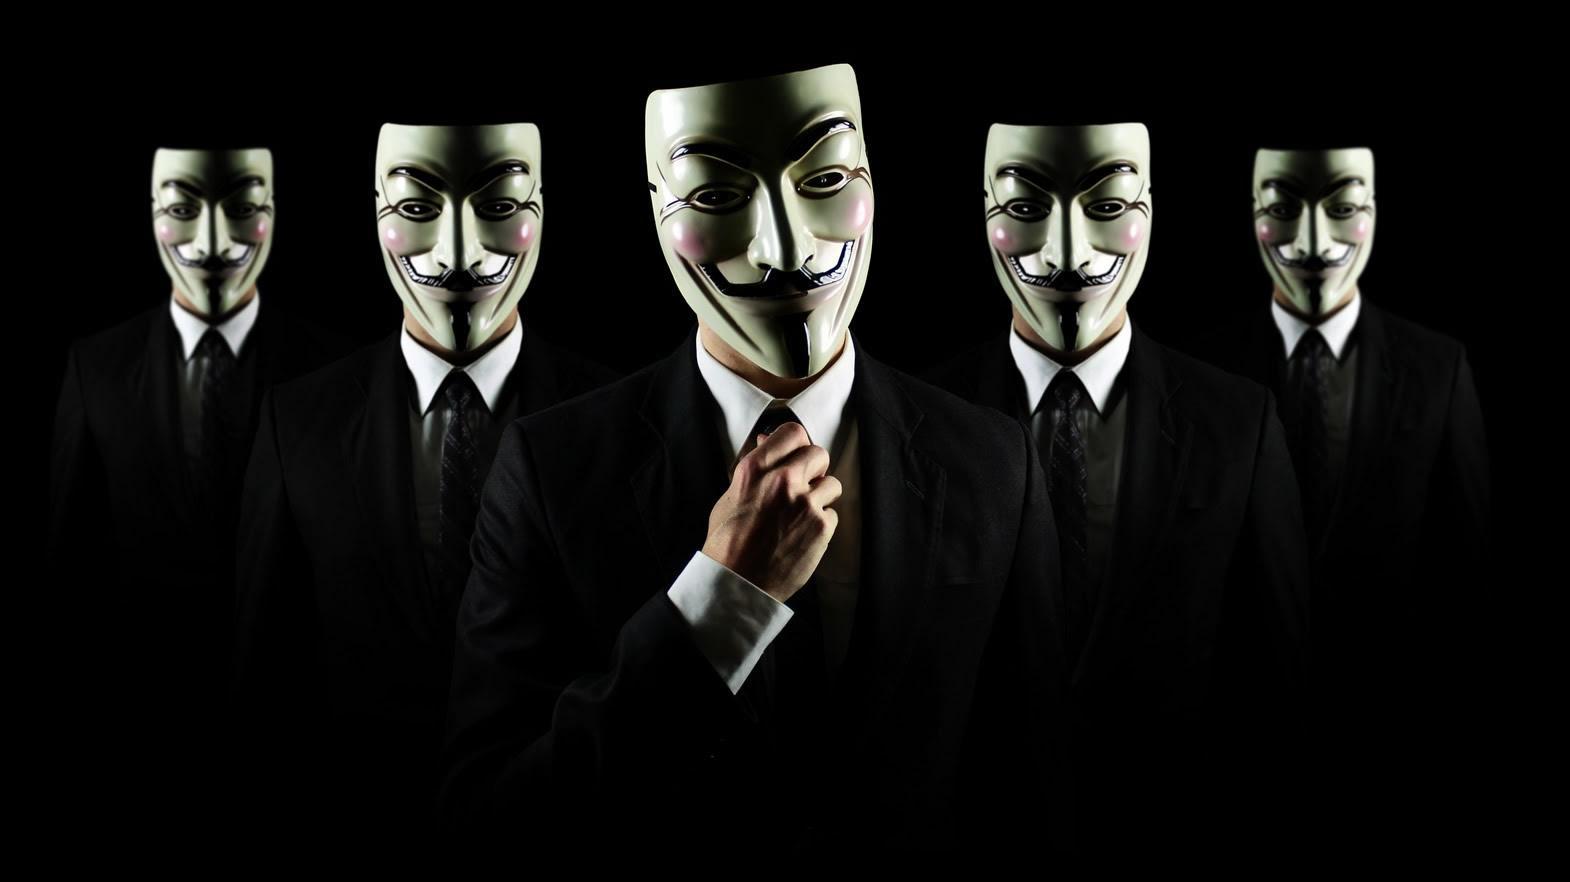 Anonyumous-un İŞİD-ə ünvanladığı təhdid videosu saxta çıxdı.